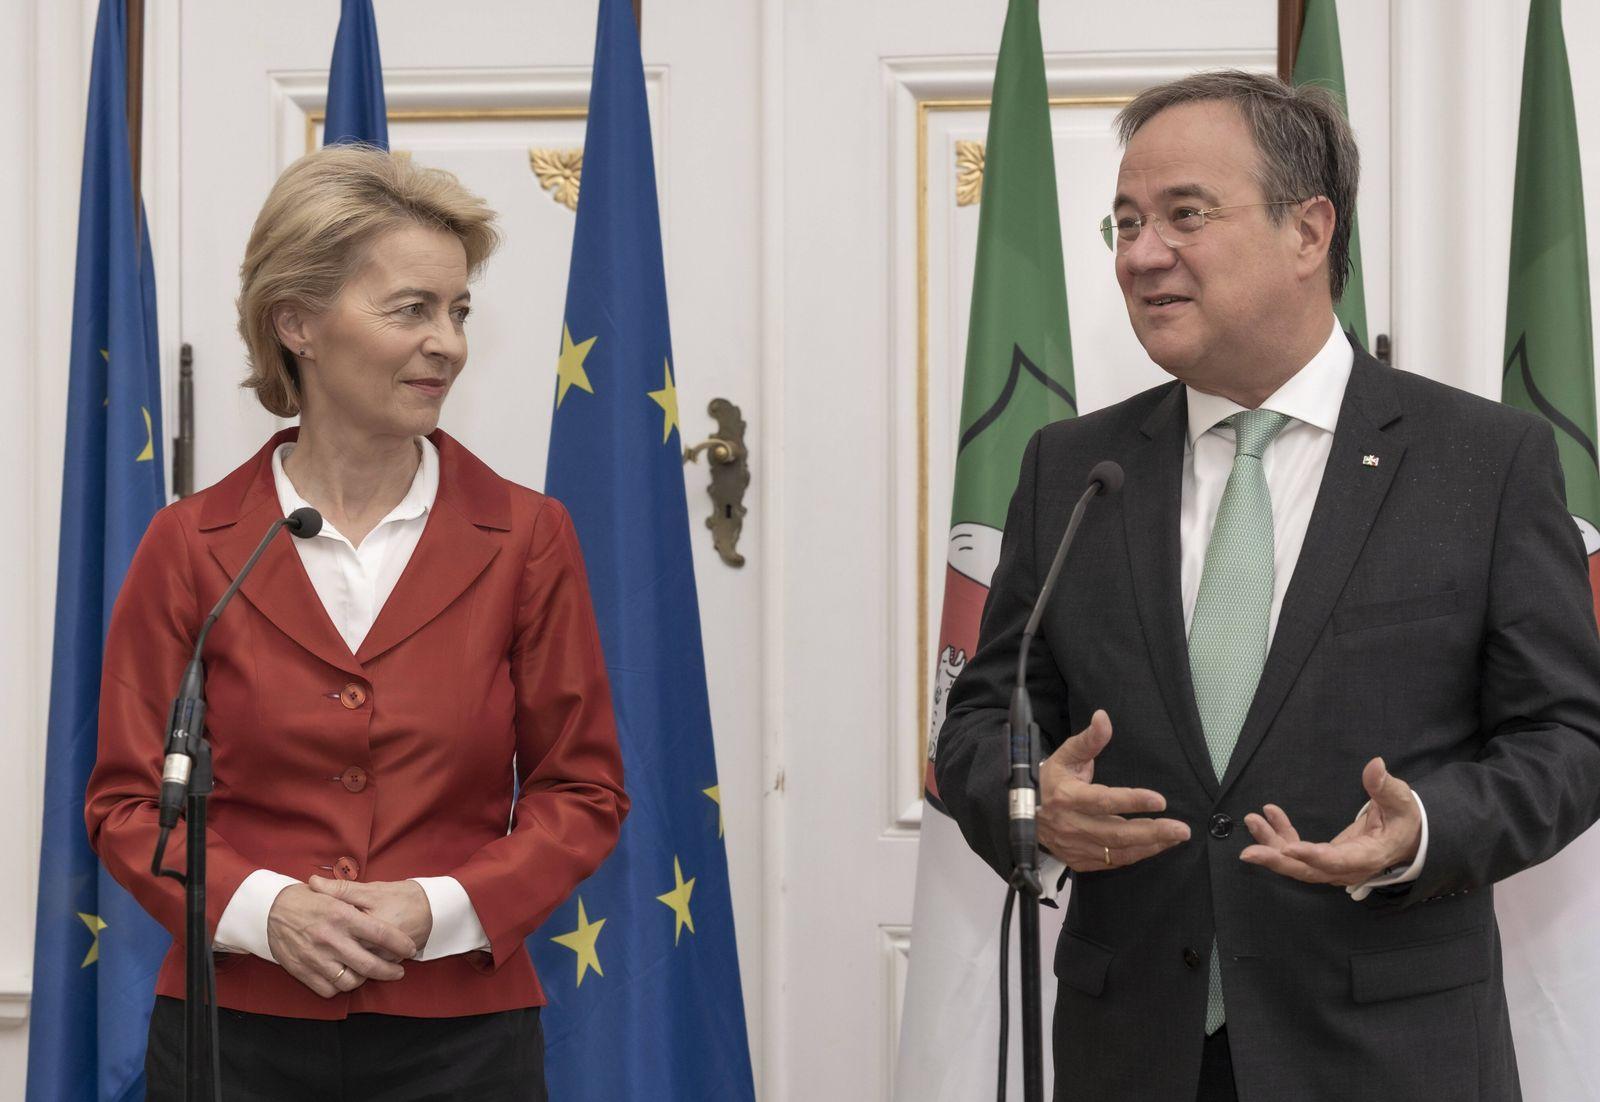 Empfang und Ansprache von Frau Dr Ursula von der Leyen Präsidentin der Europäischen Kommission und